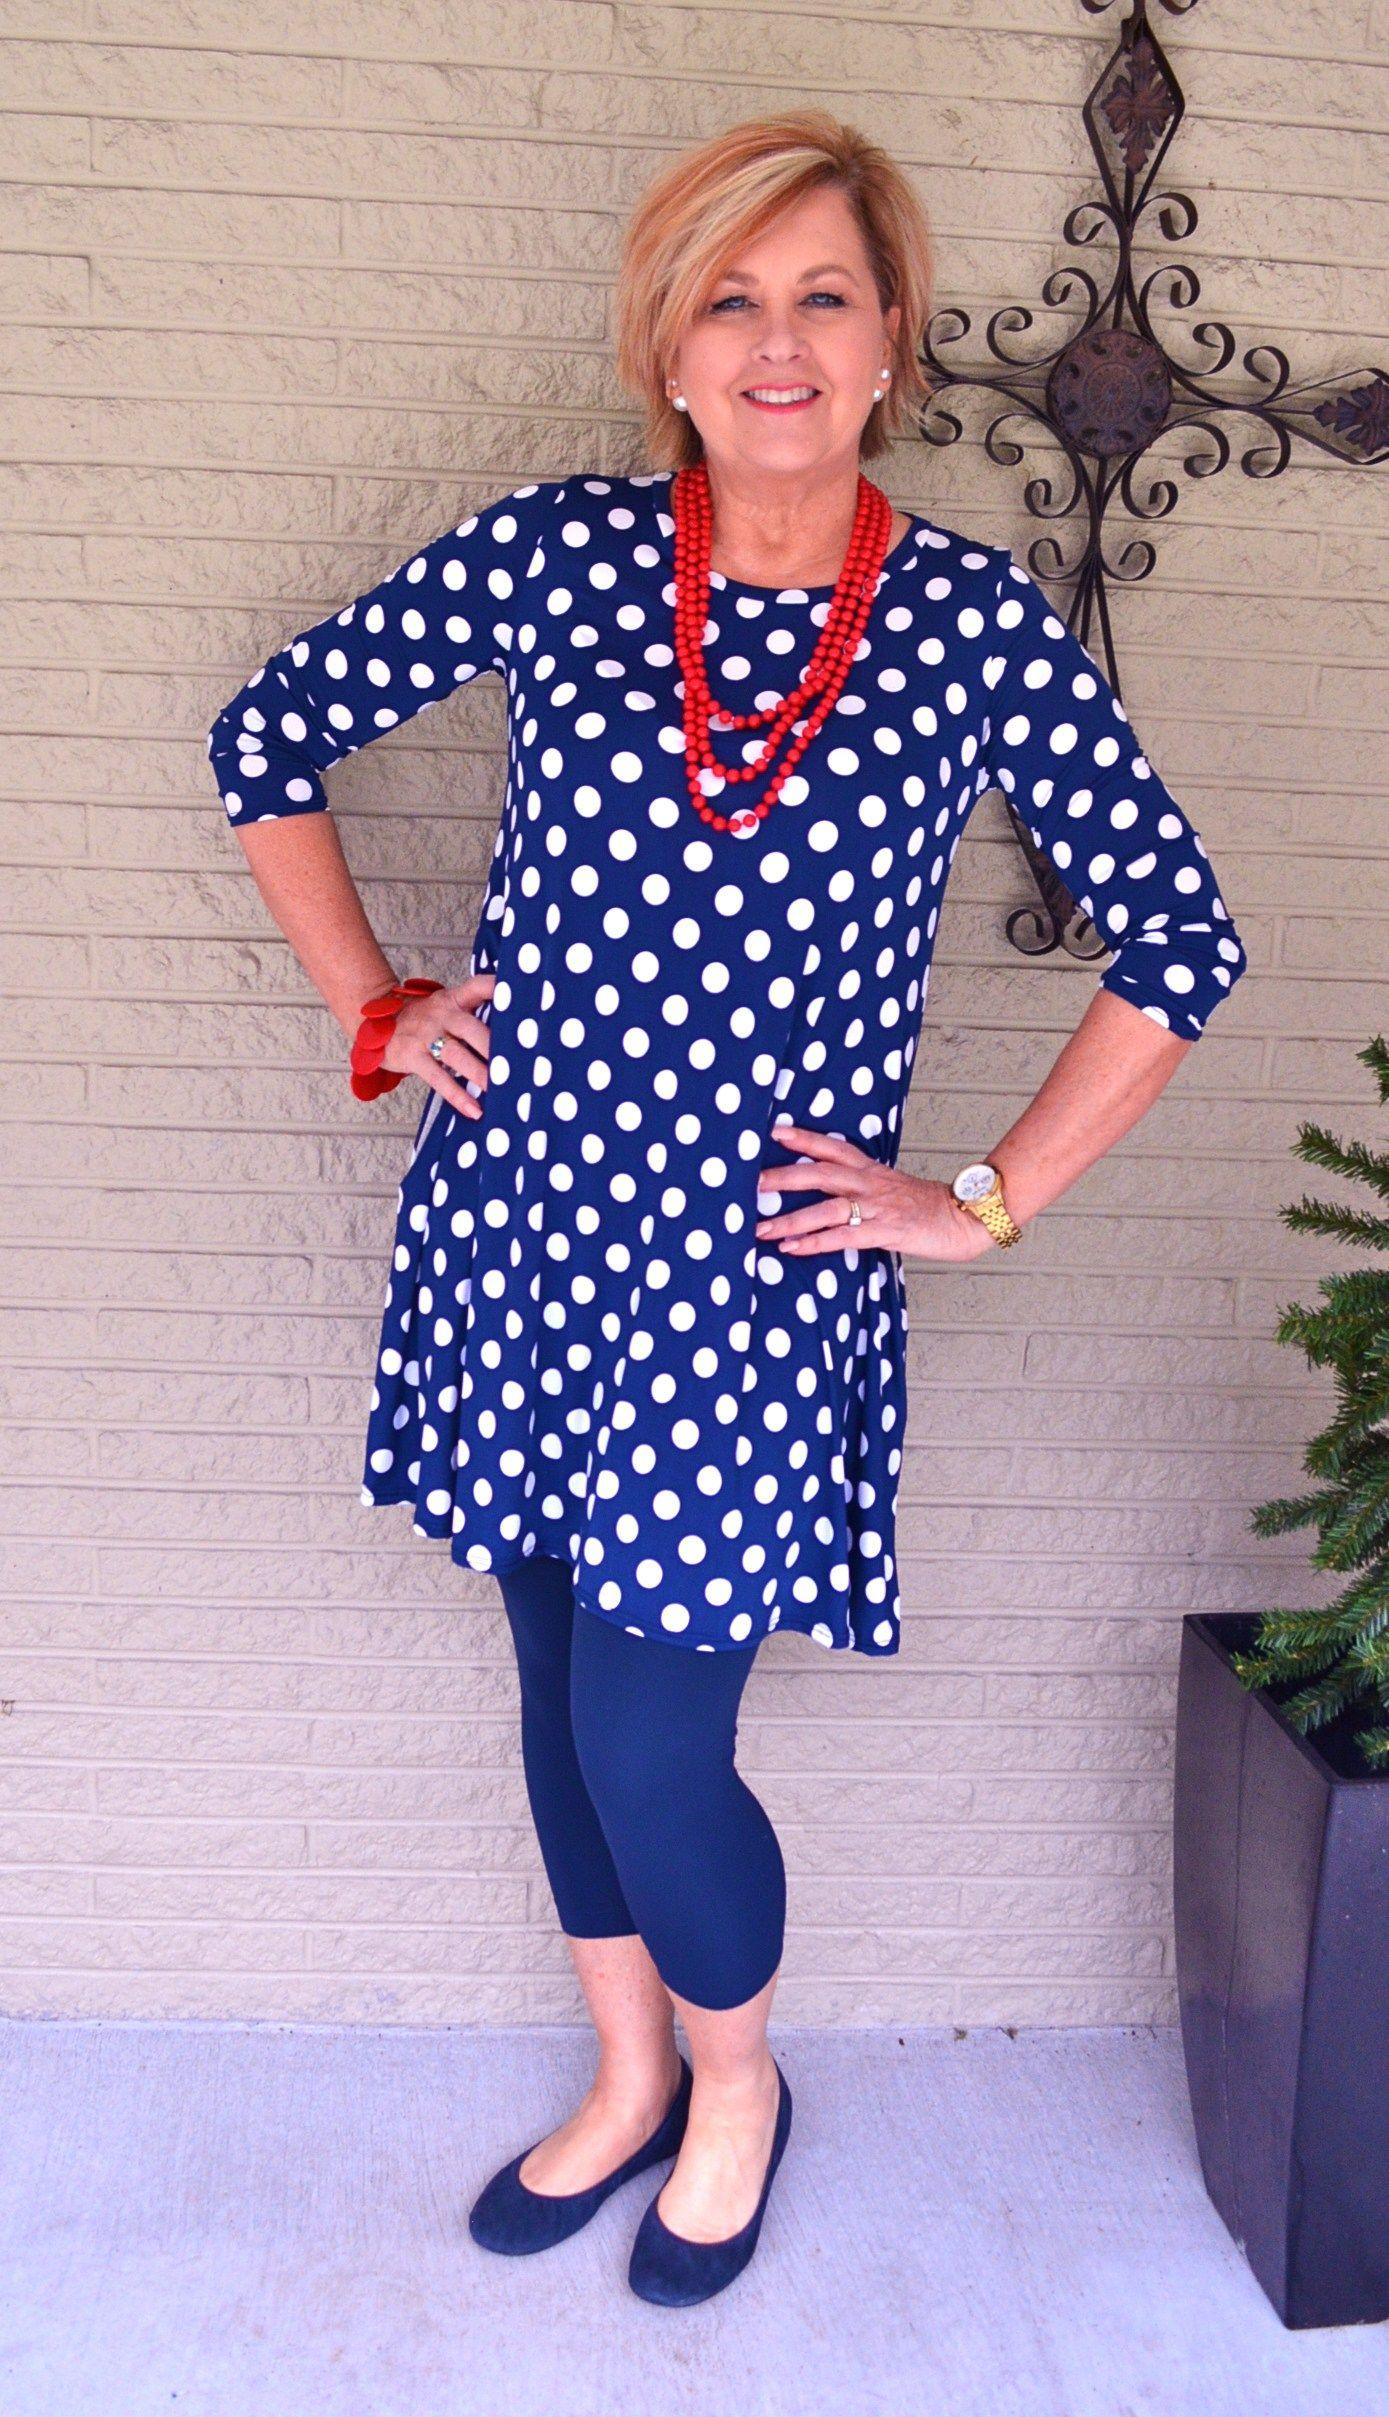 Pin de Kenzie McConnel en Clothes - Age is a Number | Pinterest ...